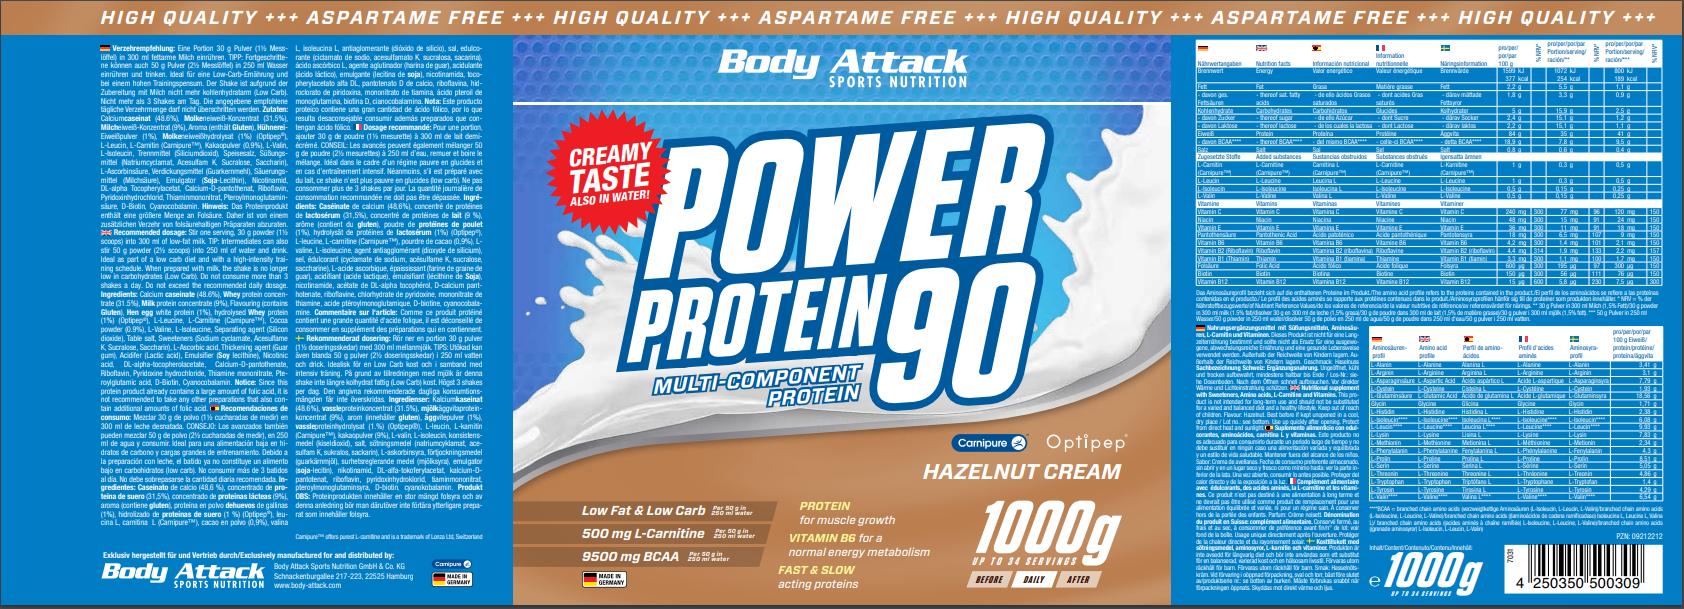 Power Proti 90 Hazelnut